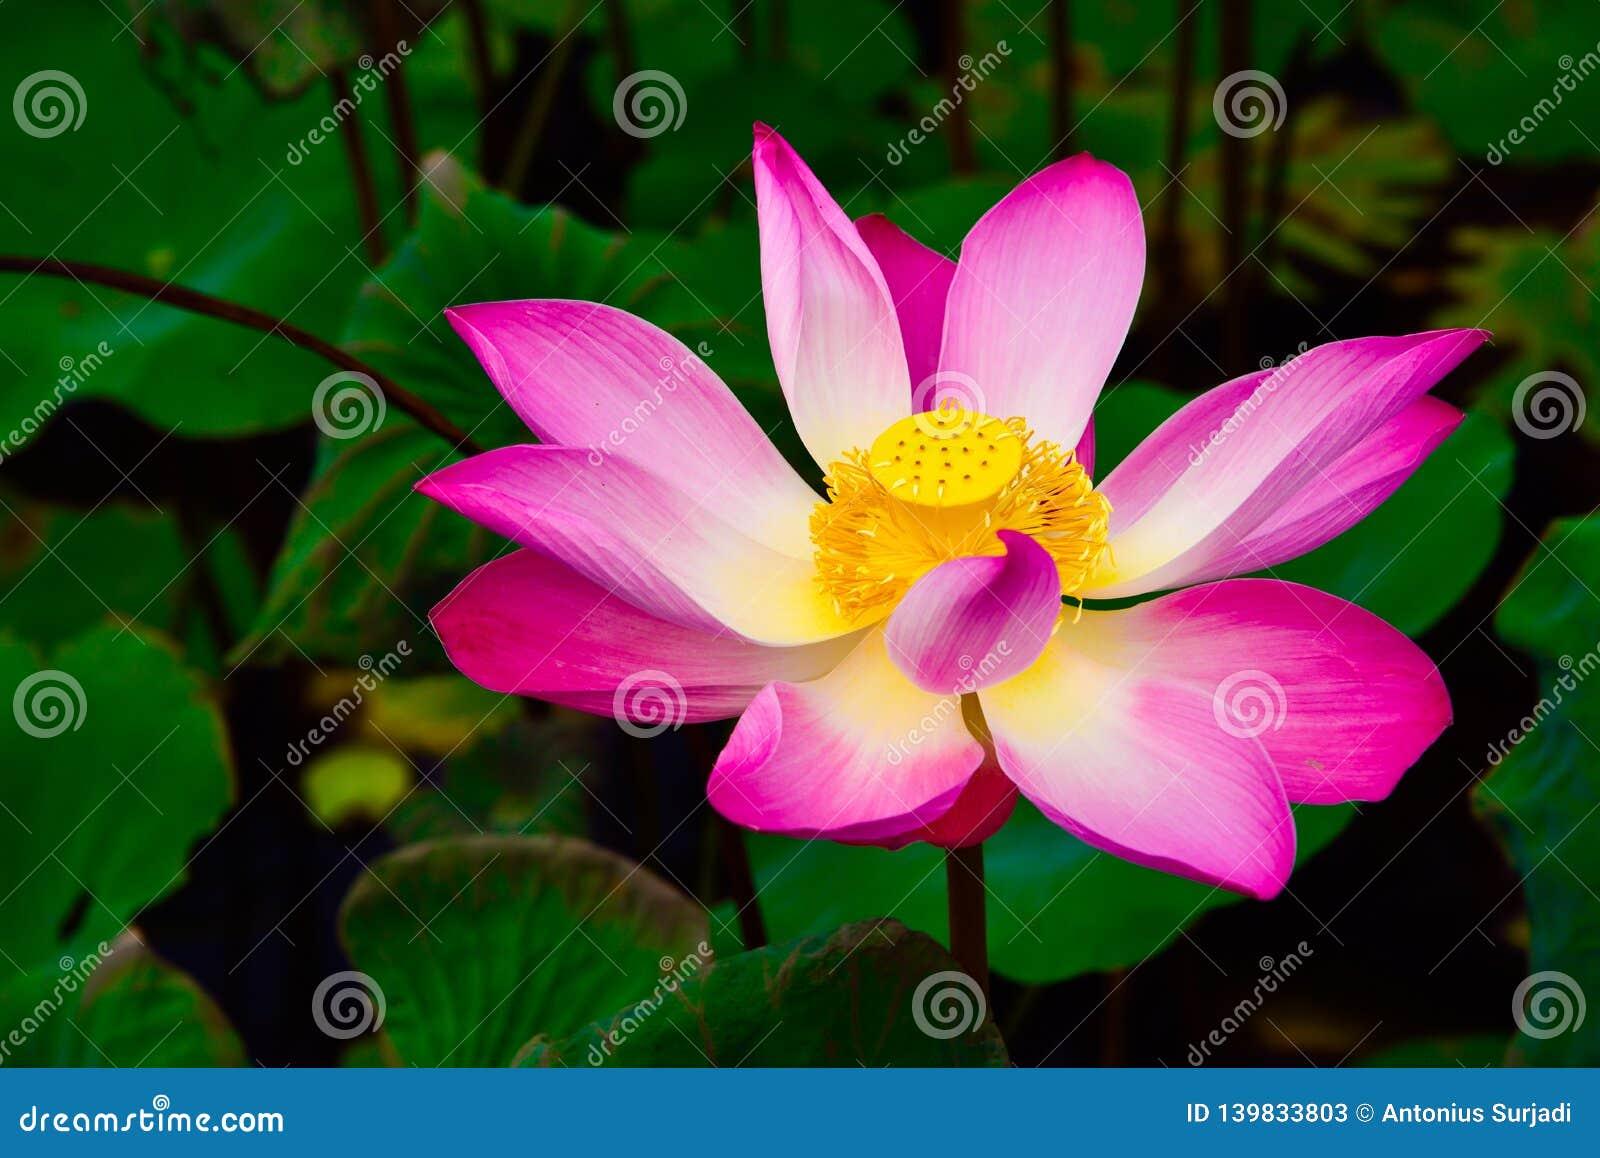 Mooie tropische kleurrijke bloem in regenwoudwildernis in Oost-Azië